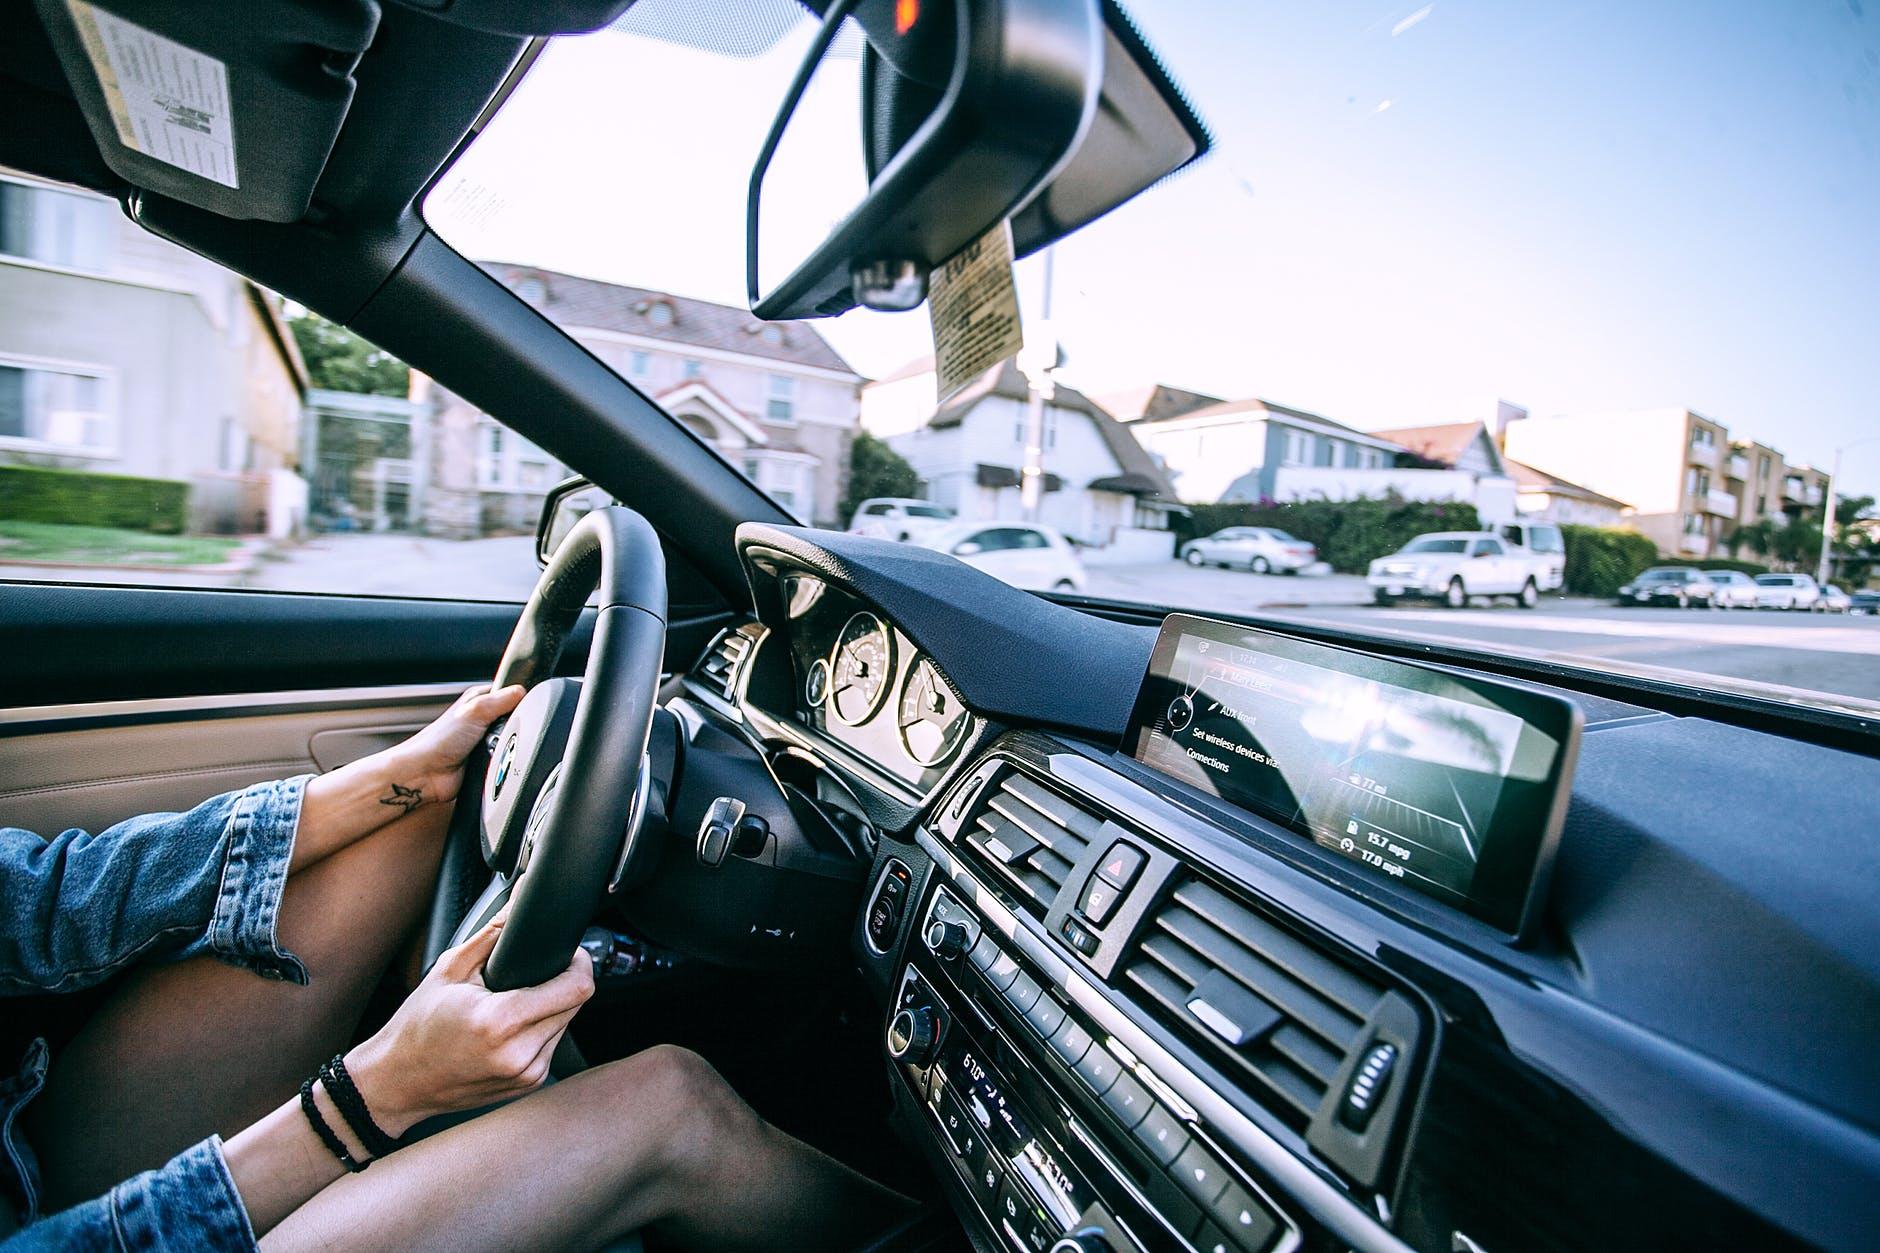 Autocockpit mit Ausschnit der Arme und Beine der fahrenden Person